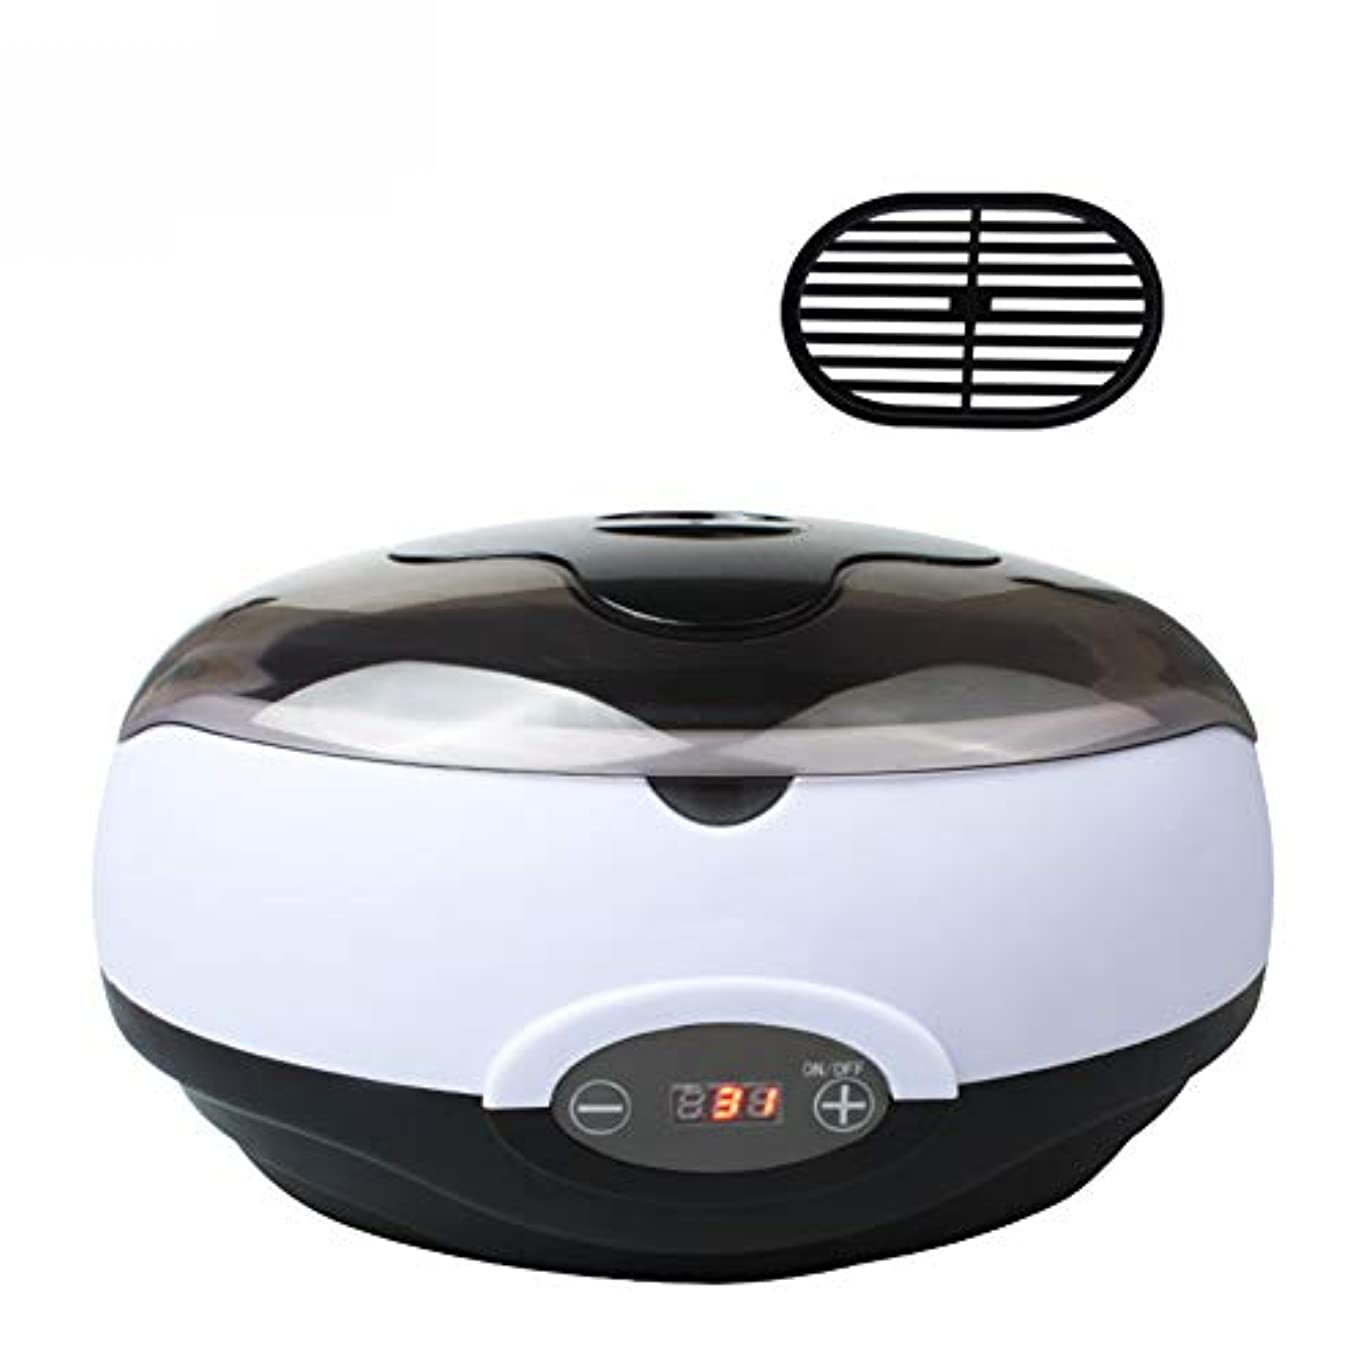 シャーク変換シマウマ保湿パラフィン浴電気2.8Lポットヒーター電気ホットパラフィンワックスウォーマースパバスLCD温度表示用固体ワックスブロック